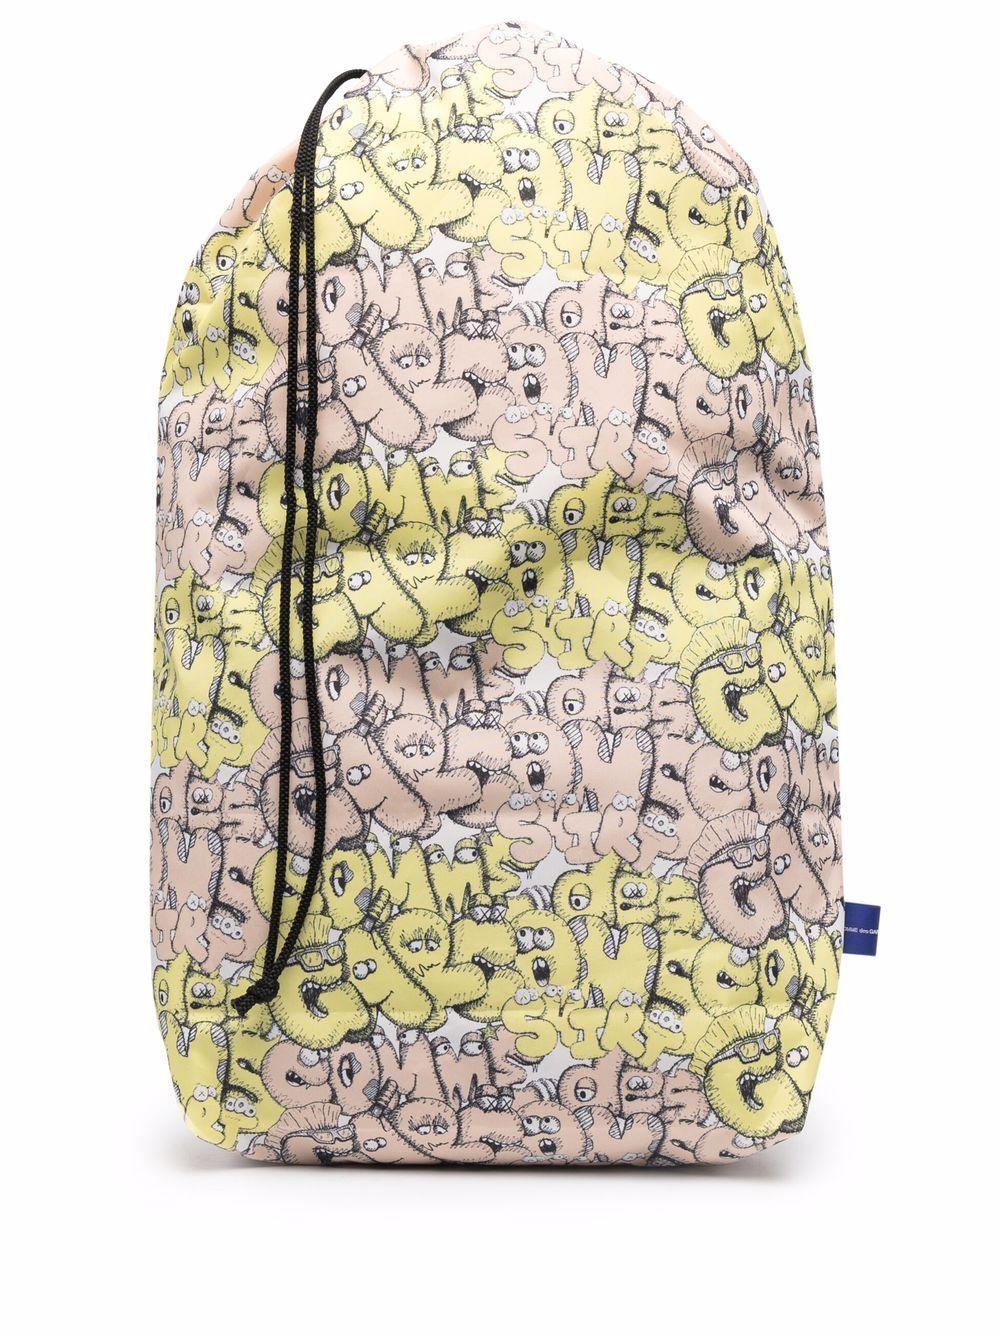 <p class='small-title'>COMME DES GARçONS SHIRT</p>Comme Des Garçons x Kaws Bag